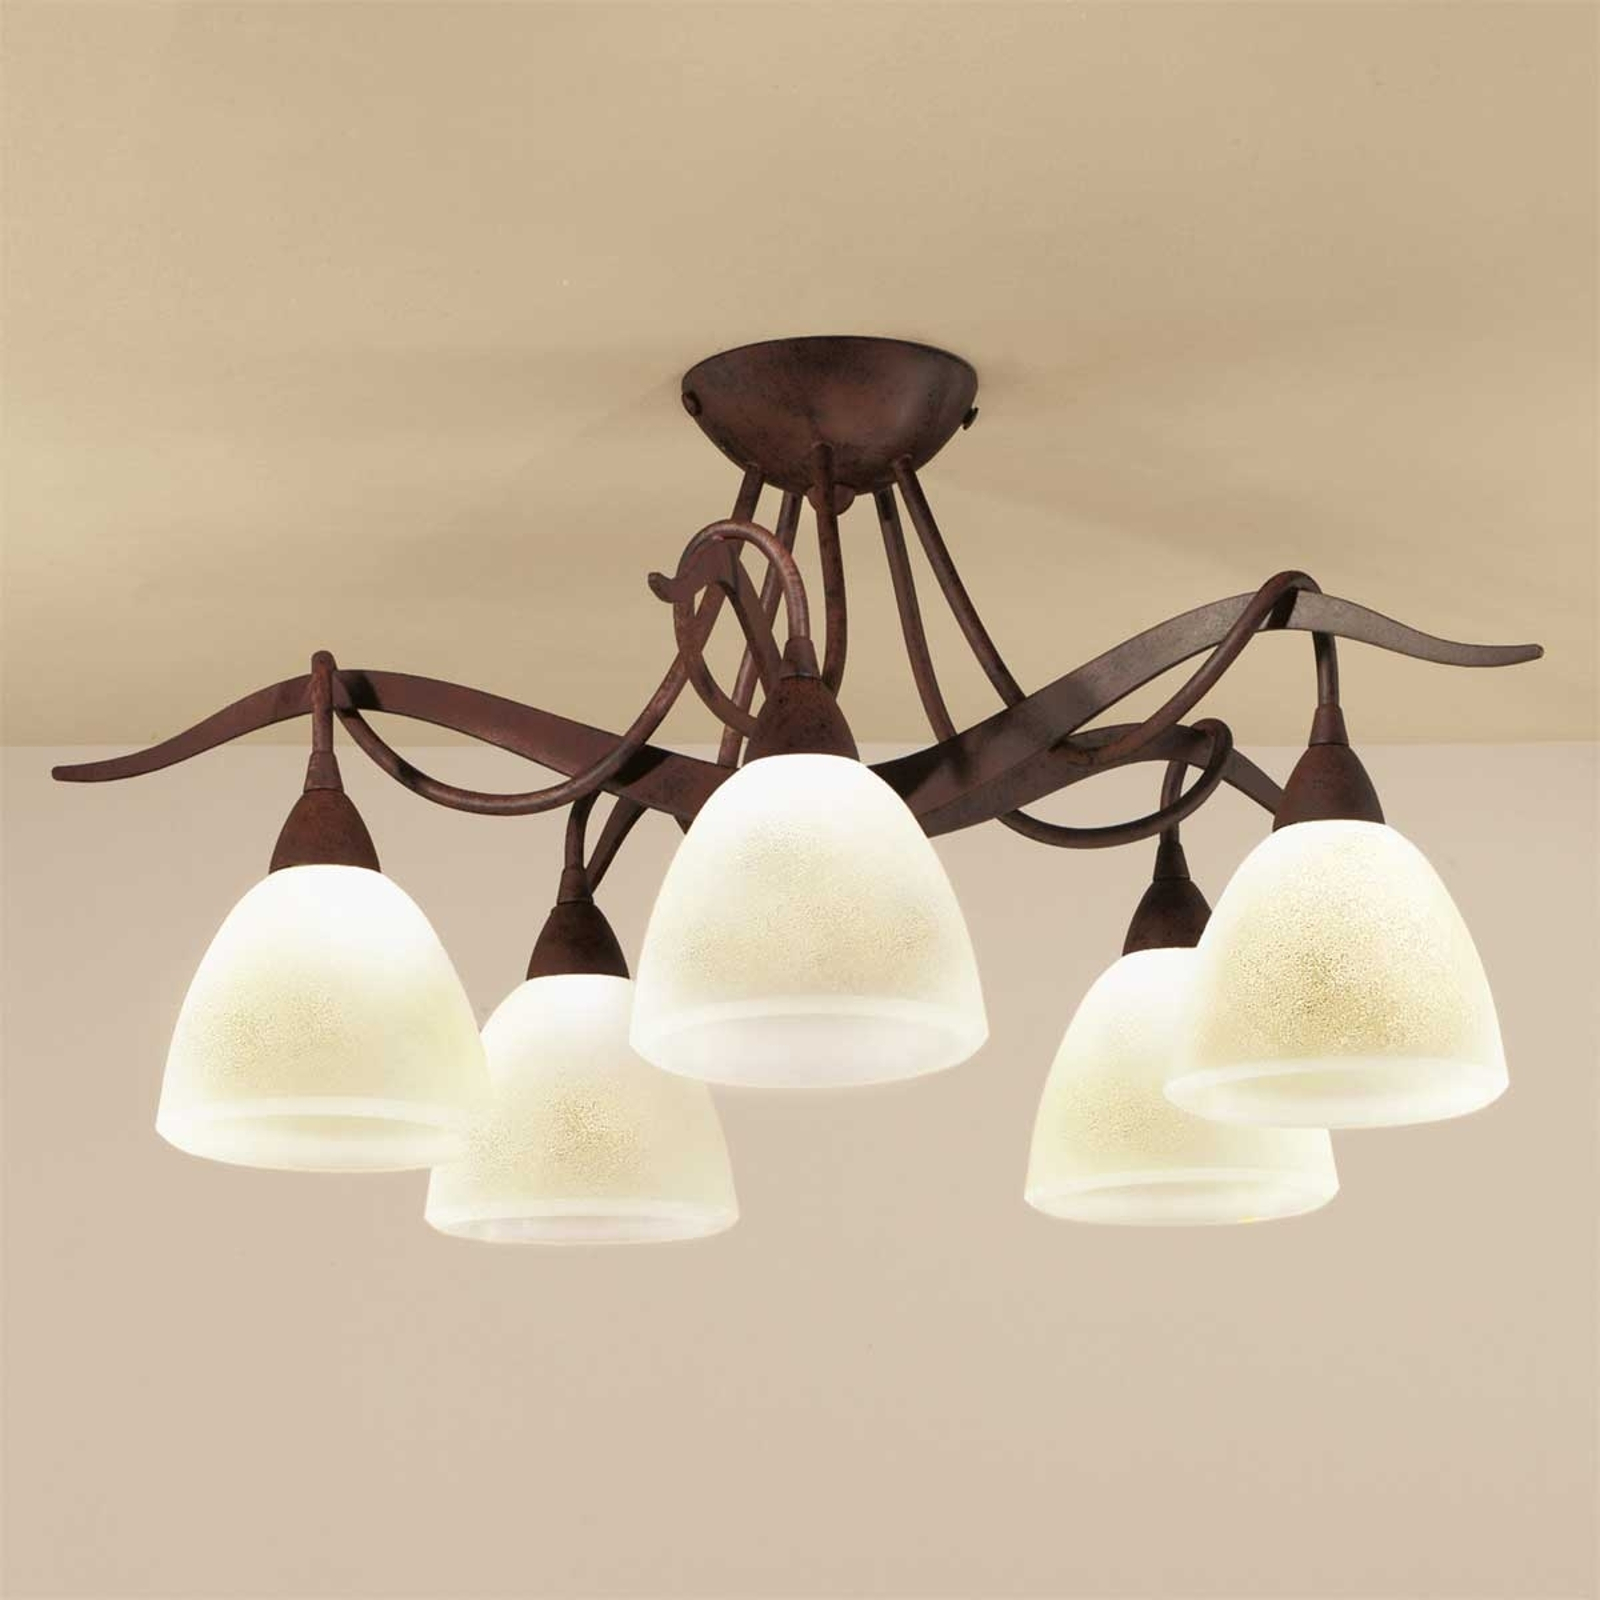 Landhuis-plafondlamp Samuele 5-lamps, scavo